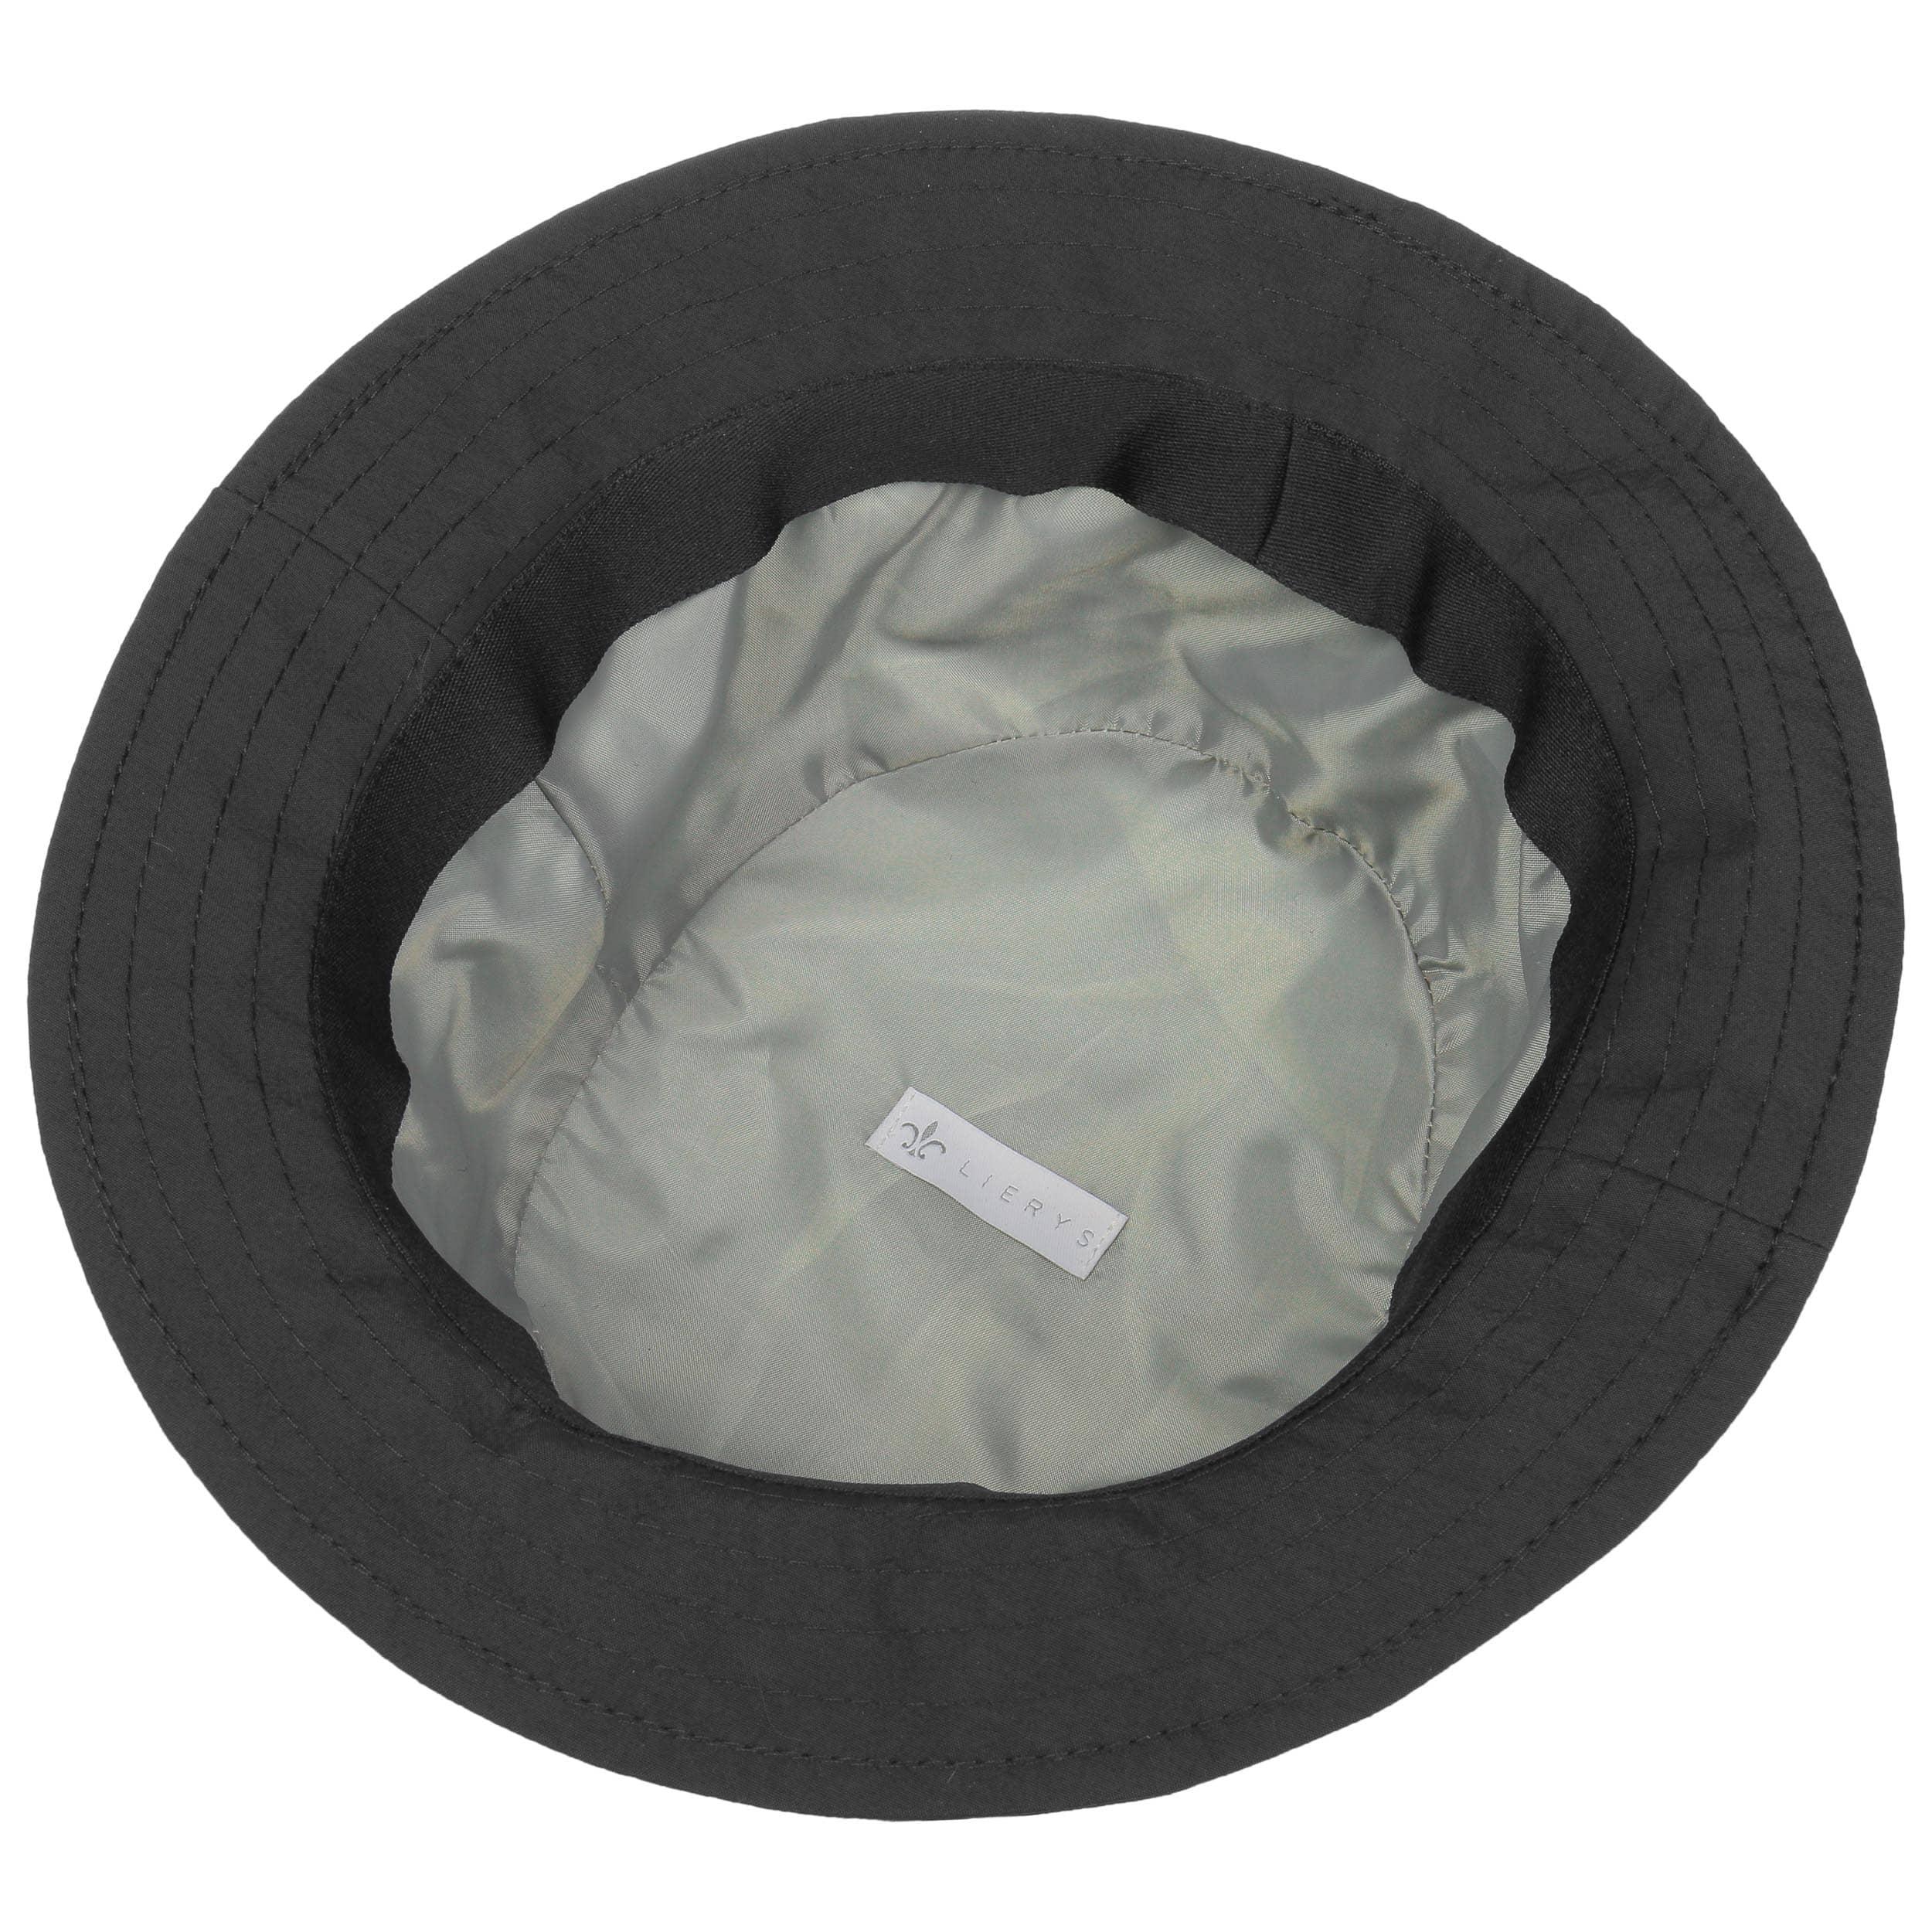 de71fbb691784 ... Gore-Tex Light Rain Hat by Lierys - black 1 ...